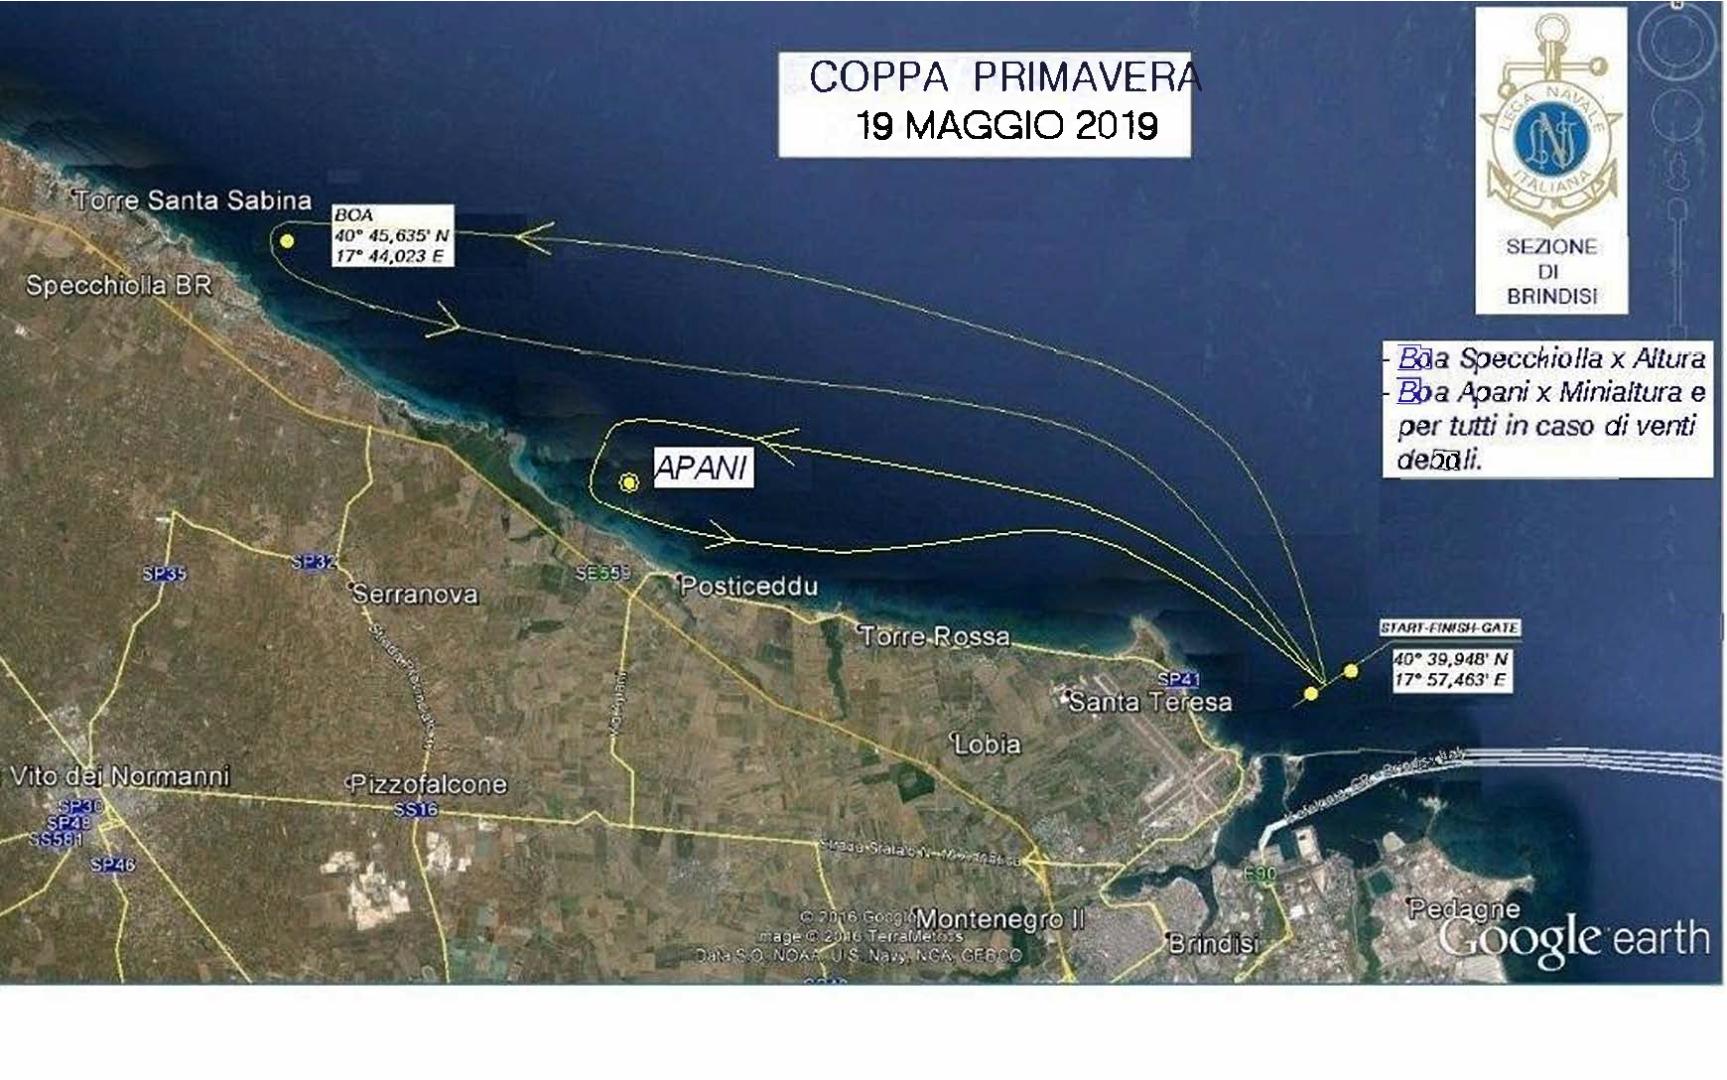 campo di regata coppa primavera 2019